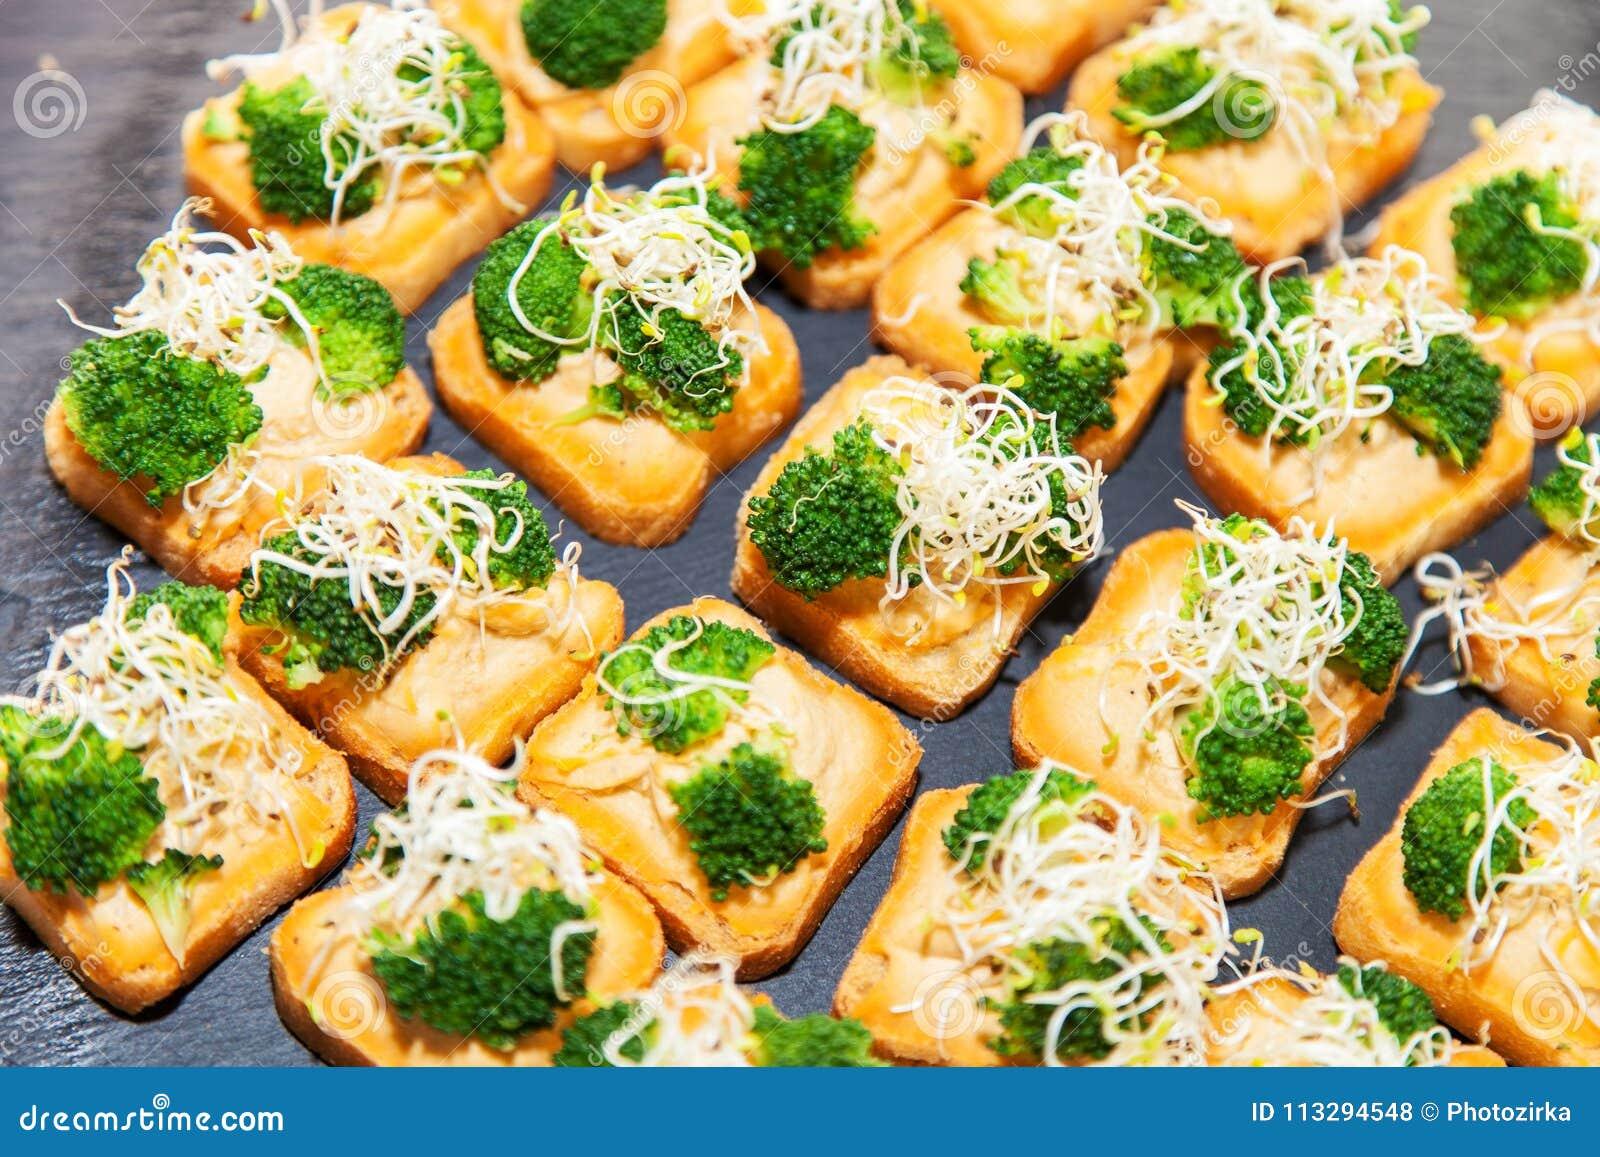 Jarski canape z brokułami